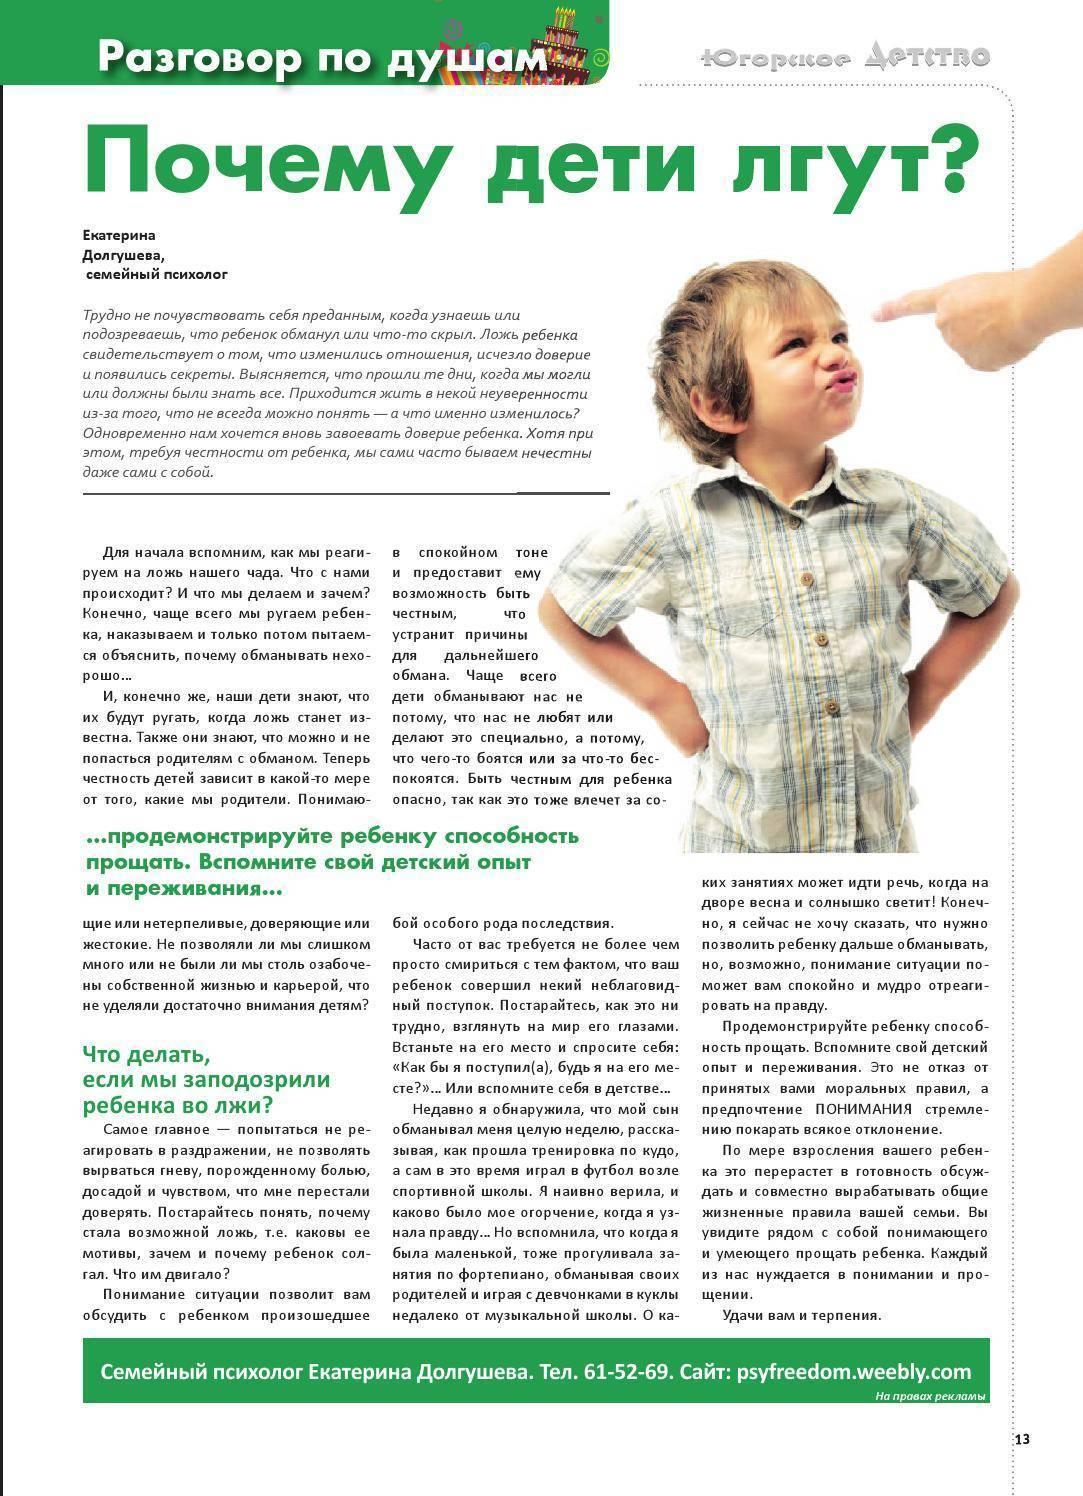 ᐉ что делать если ребенок начал обманывать. что делать, если ребенок врет: советы психолога ➡ klass511.ru